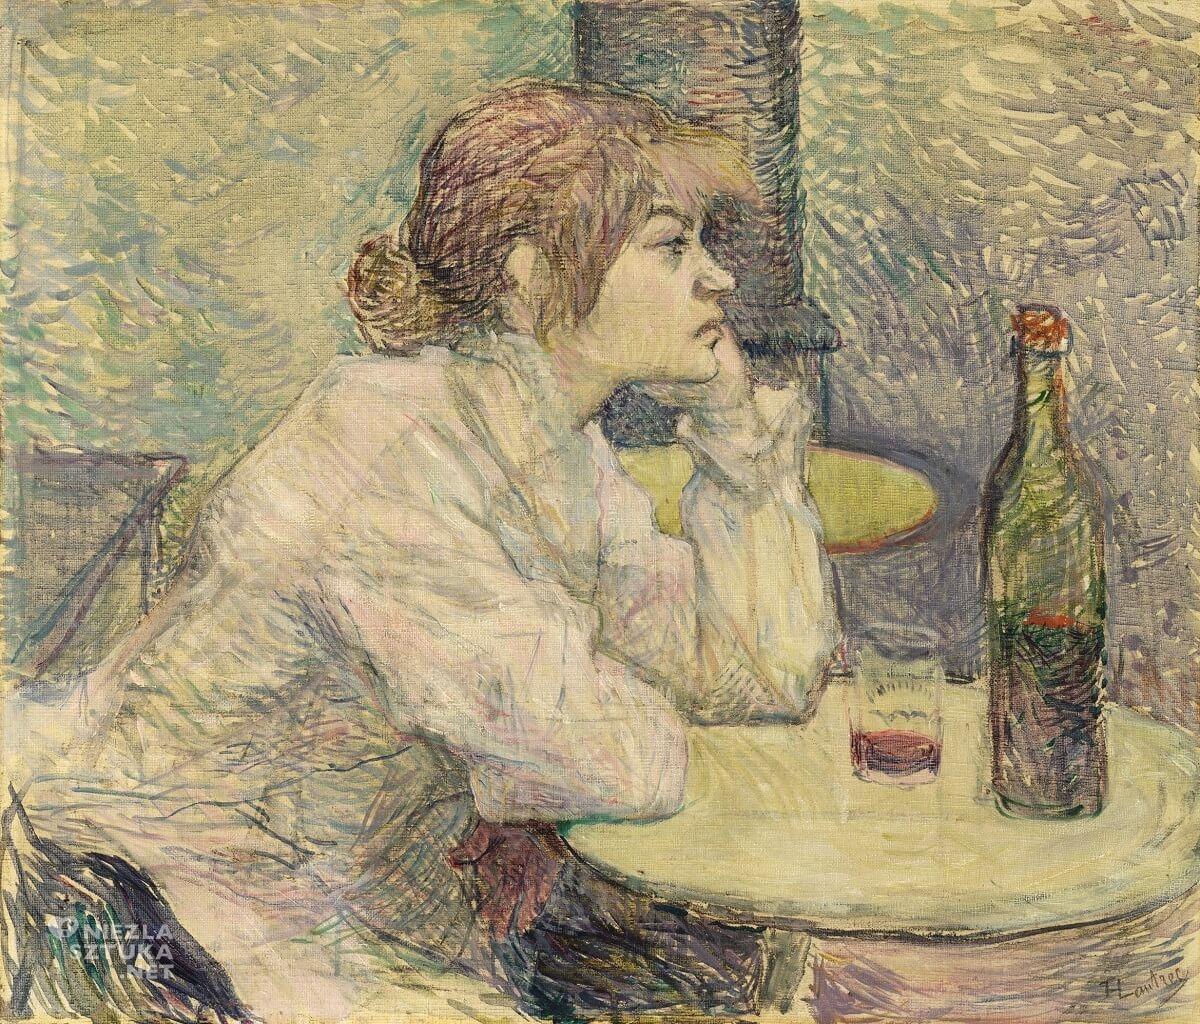 Henri de Toulouse-Lautrec, Kac, Suzanne Valadon, sztuka francuska, Niezła Sztuka